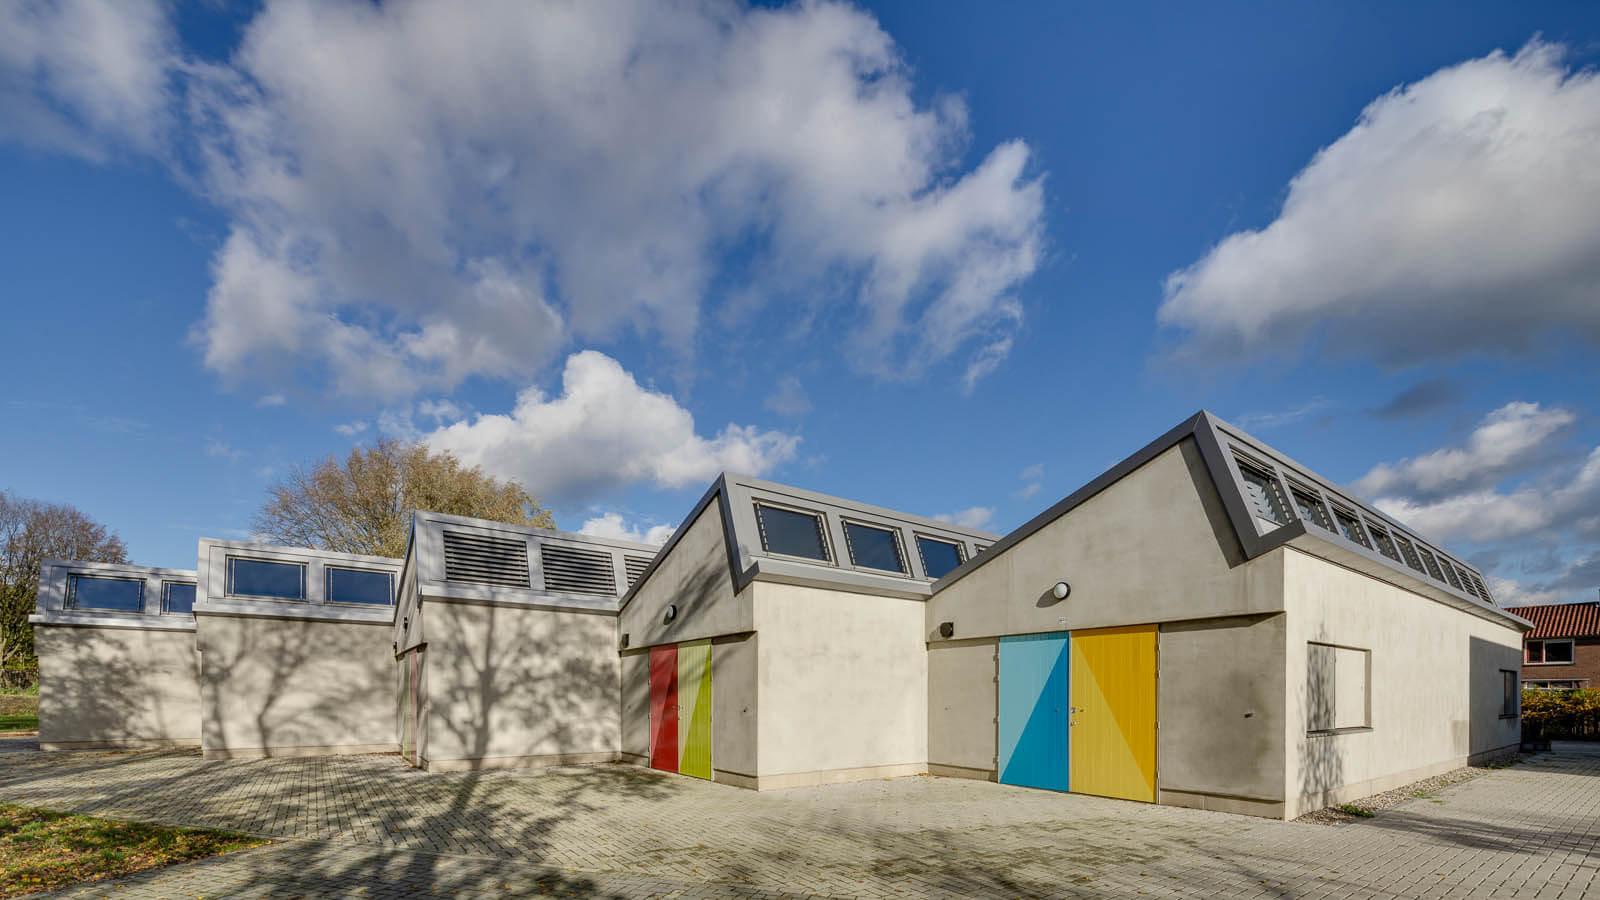 atelier atelierwoning ateliergebouw kunstenaar Plataan Deventer Rietveld lamellen luiken kleur passiefhuis energiekosten sheddak daklicht brand